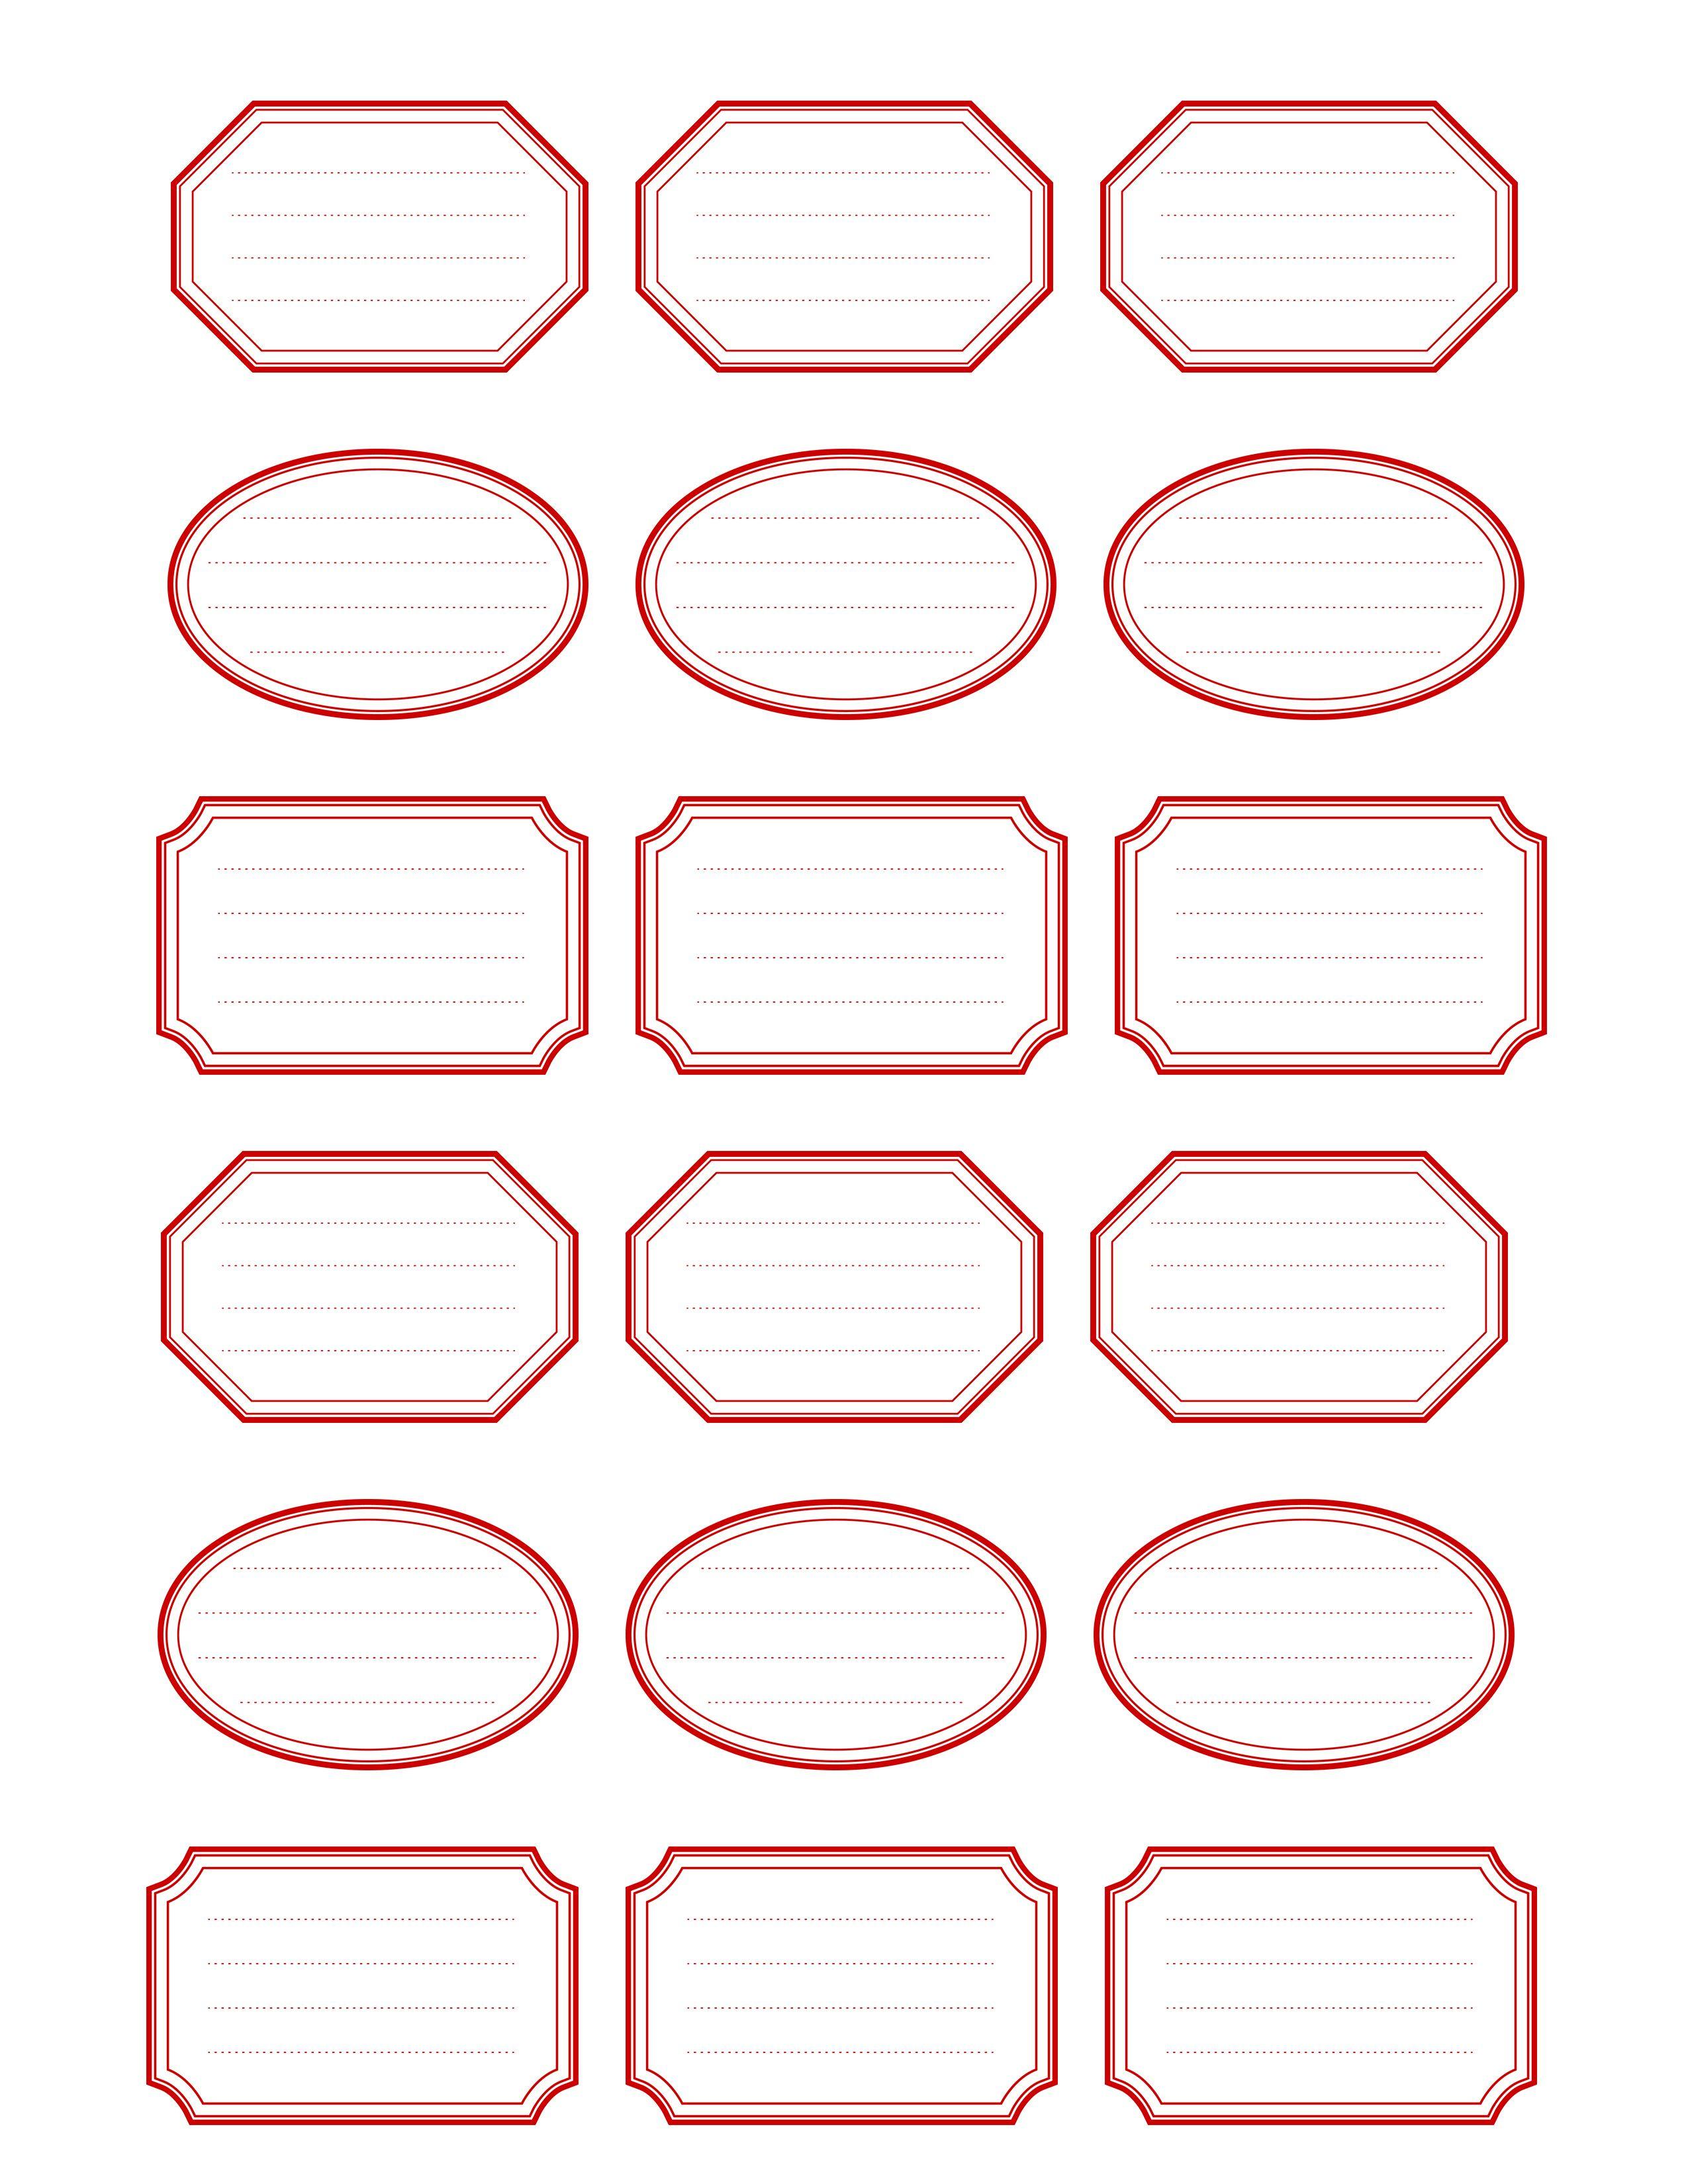 Etiquettes Imprimables | Free Printable Vintage Label Templates Free - Free Printable Label Templates